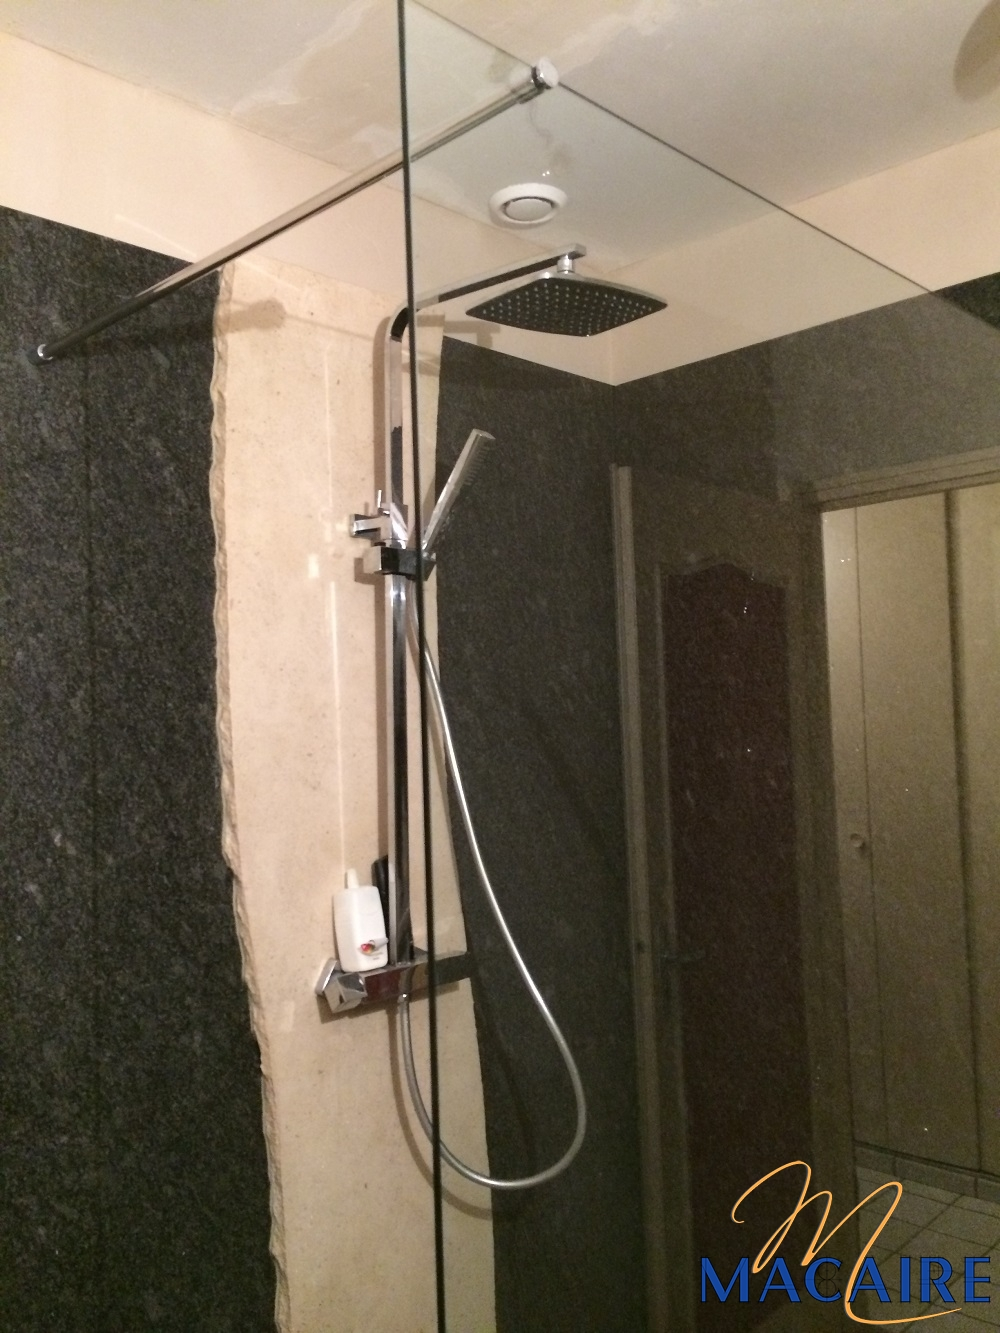 Salles de bain | Macaire tailleur de pierre en Lorraine à ...